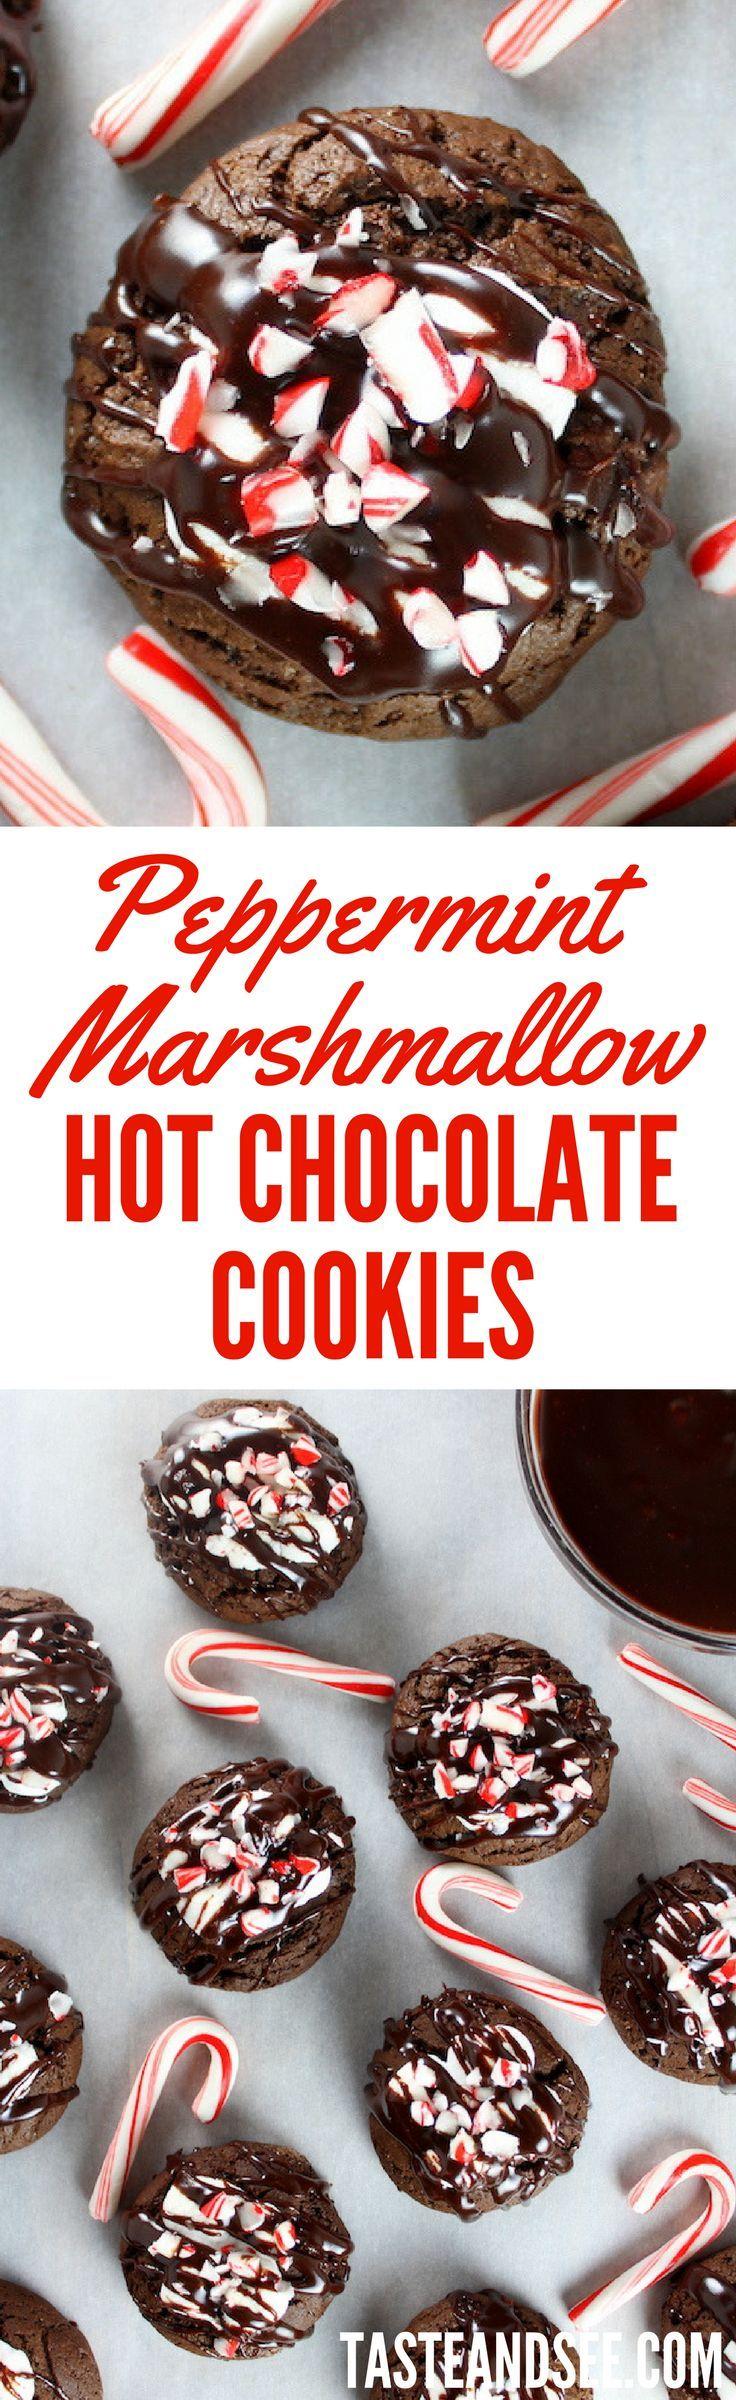 페퍼민트 마시멜로 핫 초콜릿 쿠키